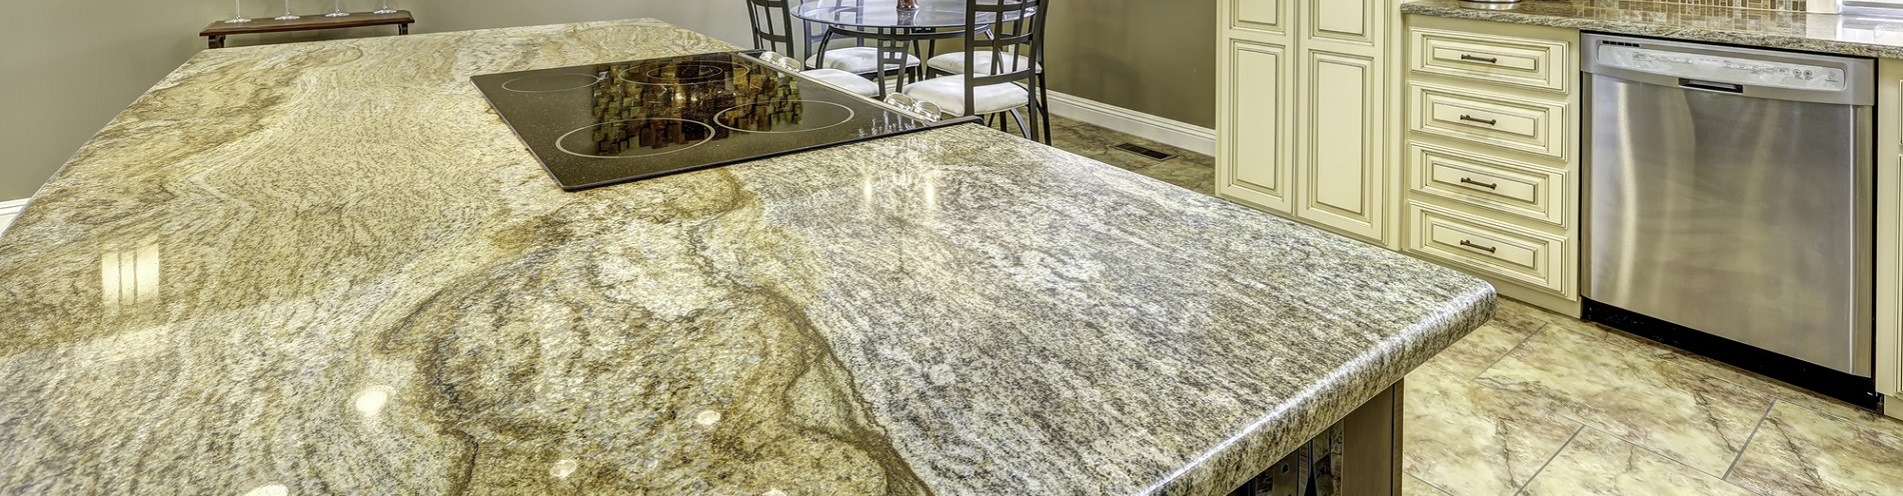 Superbe Granite Countertops Contractor Utah